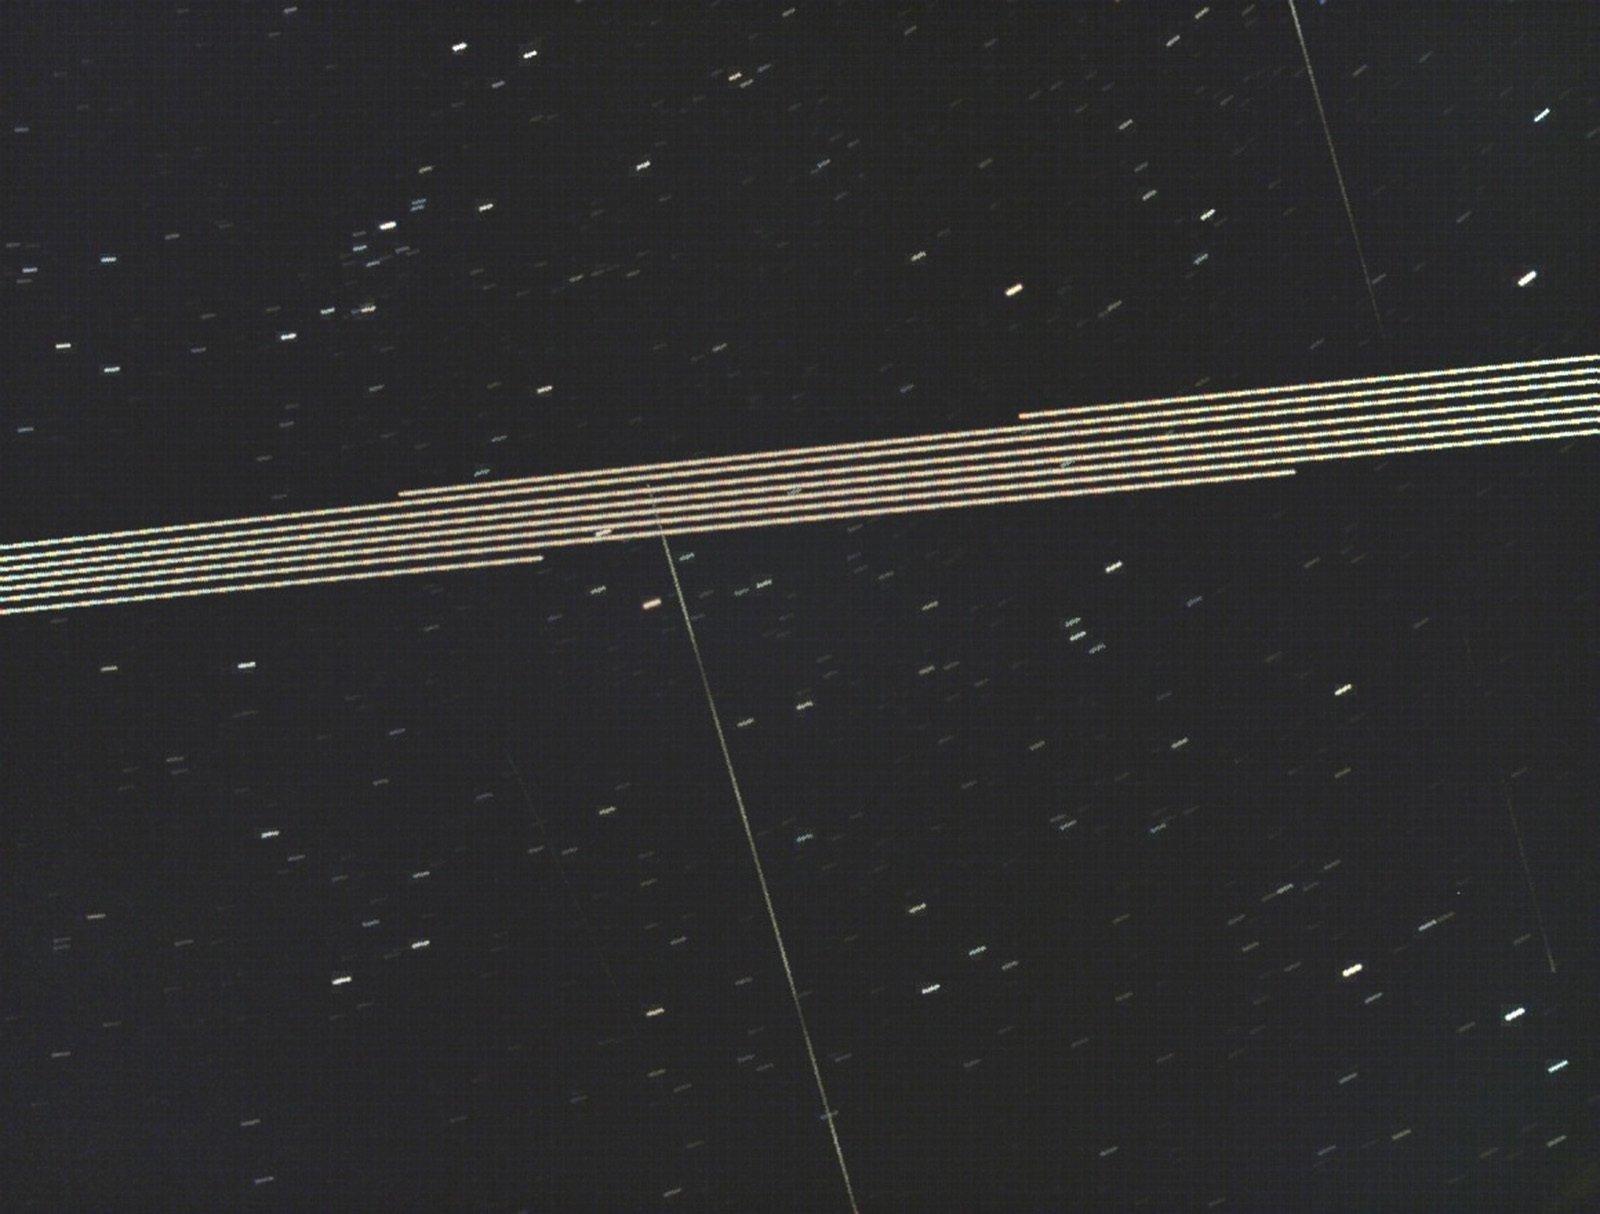 Die Starlink-Satelliten zeichnen sich als helel Spuren vor dem dunklen Himmel ab.